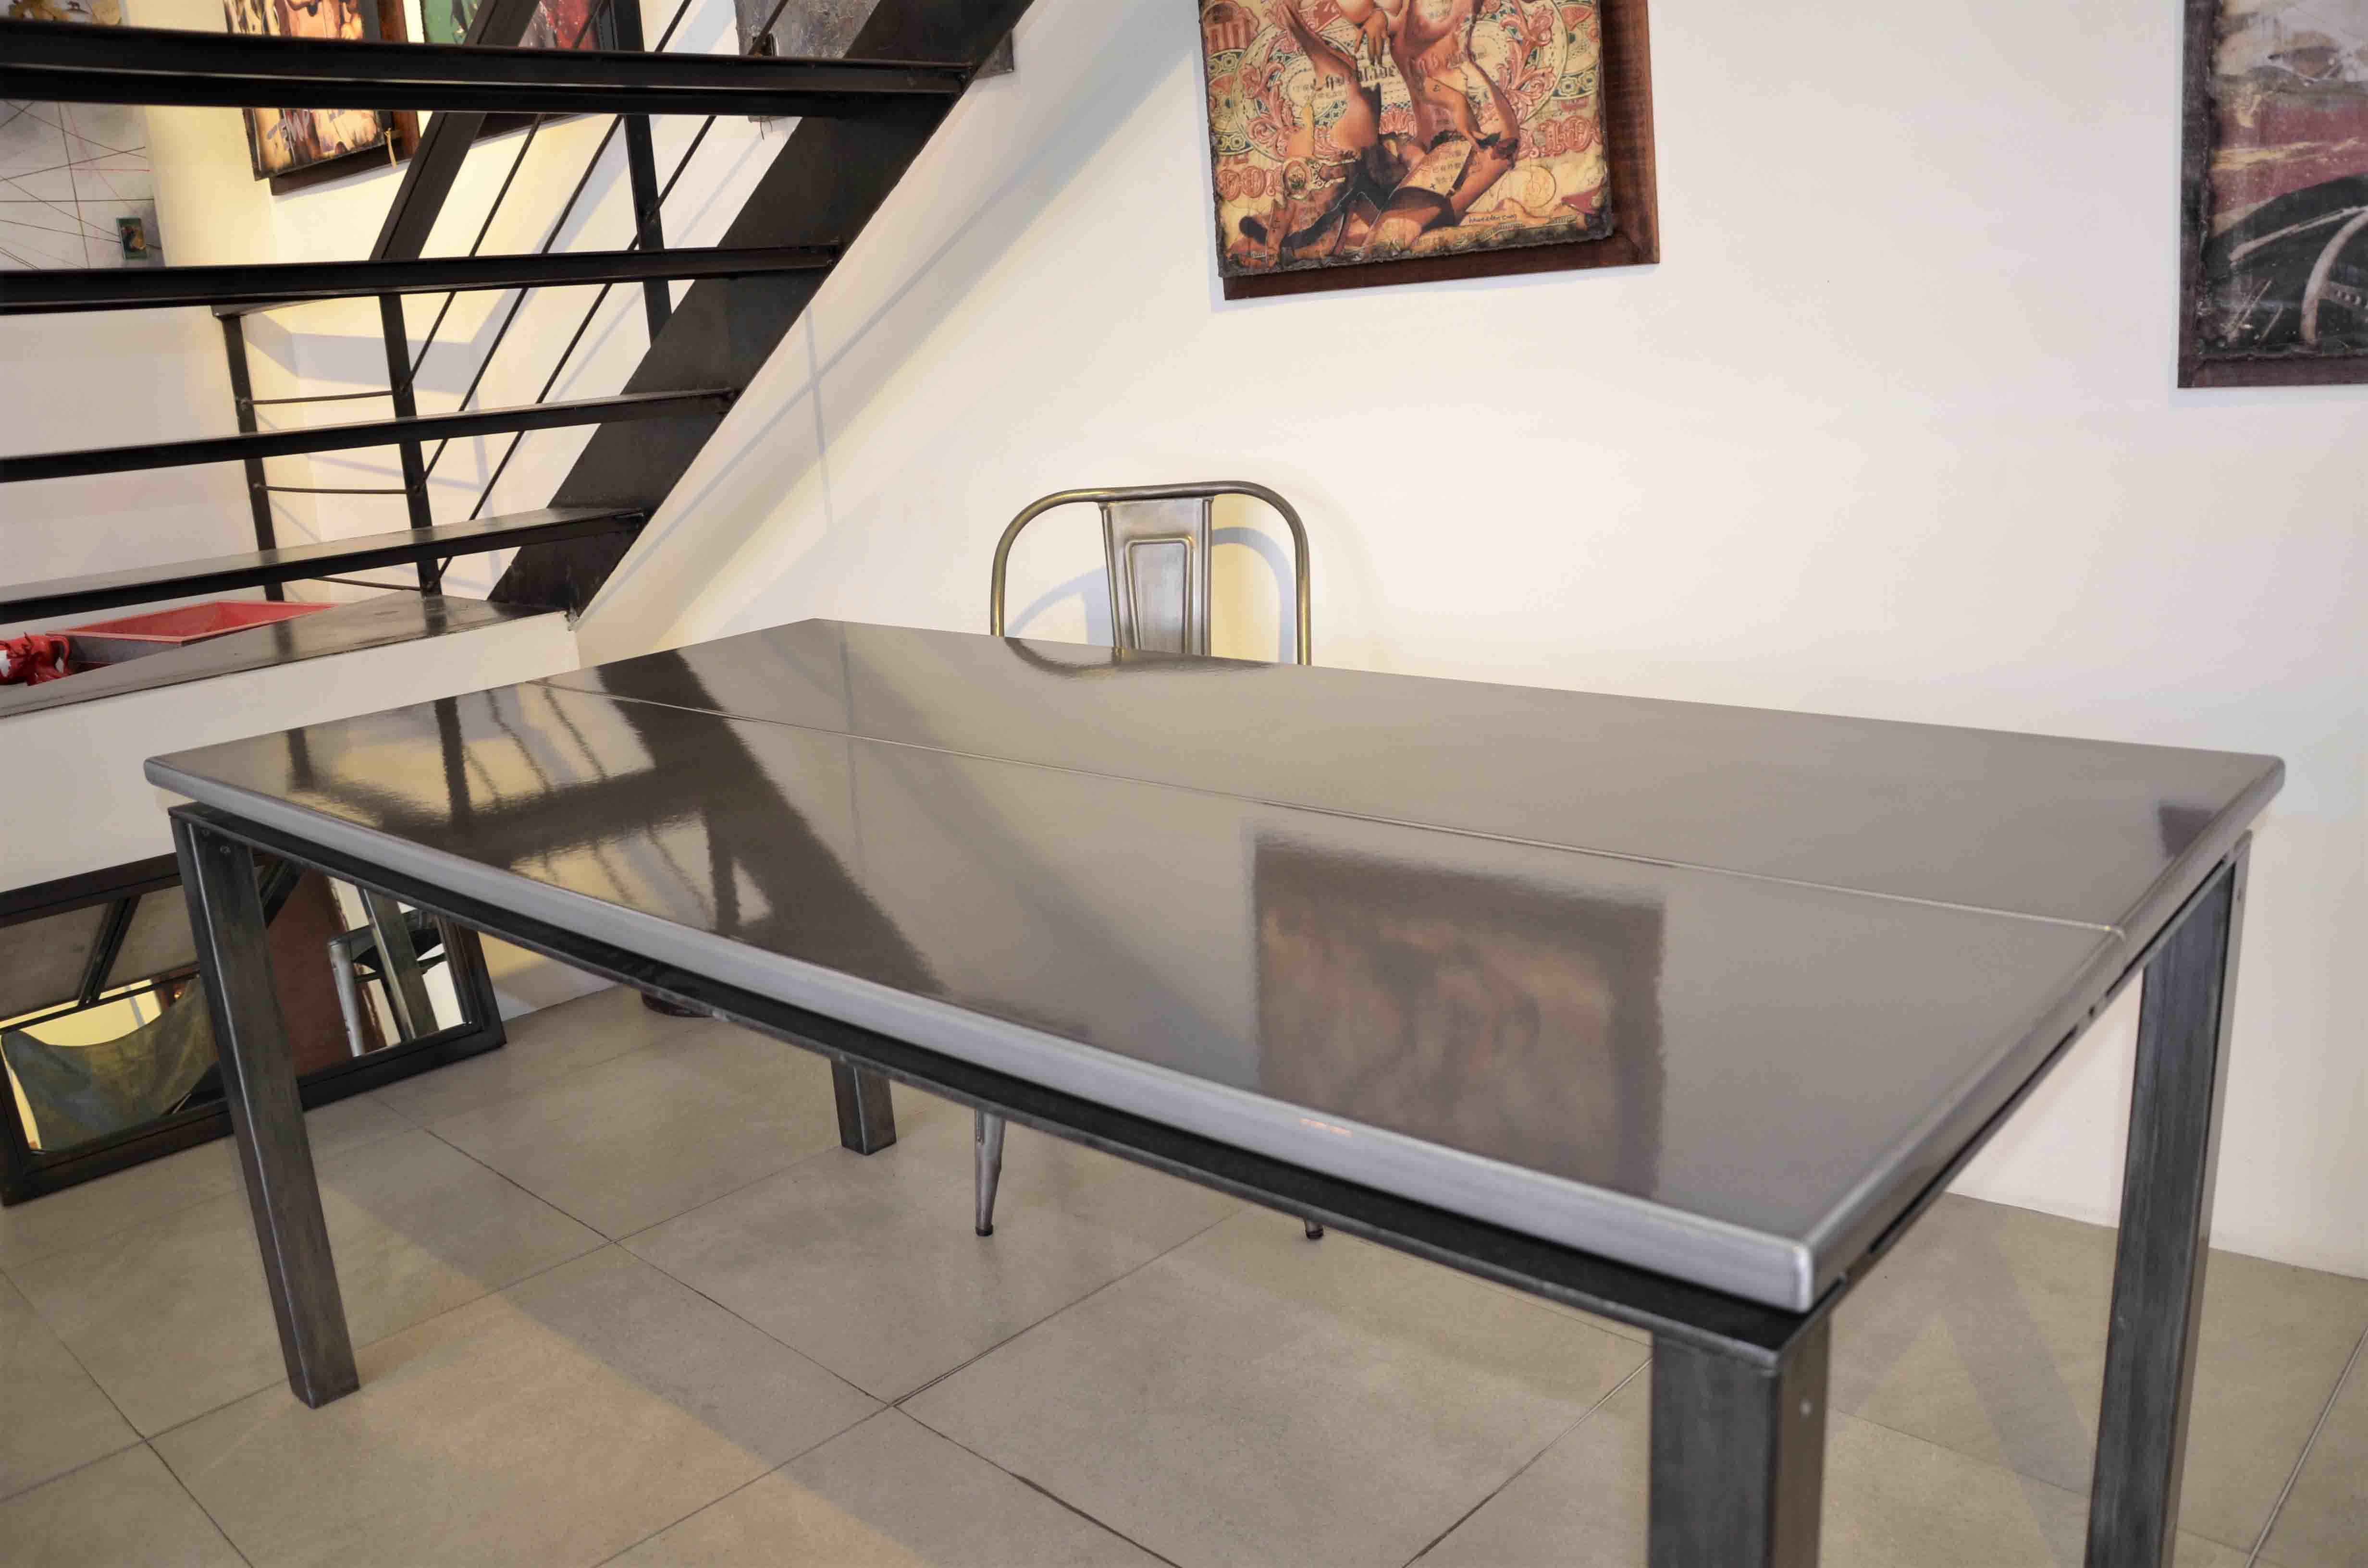 Table à manger pierre de lave émaillée grise